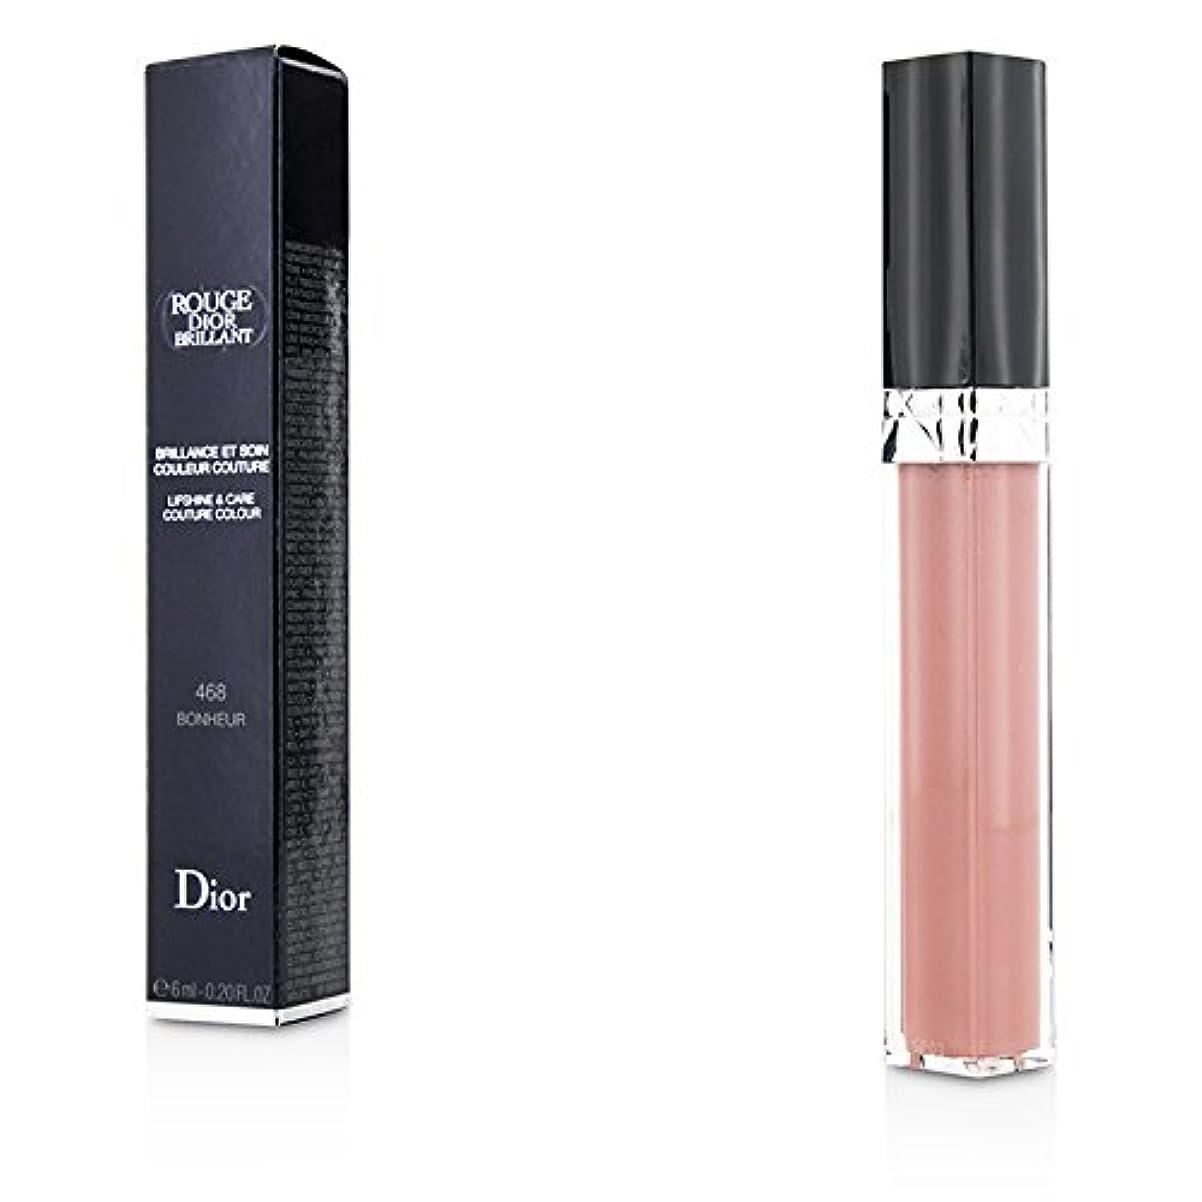 列挙するサーフィン化合物クリスチャンディオール Rouge Dior Brillant Lipgloss - # 468 Bonheur 6ml/0.2oz並行輸入品